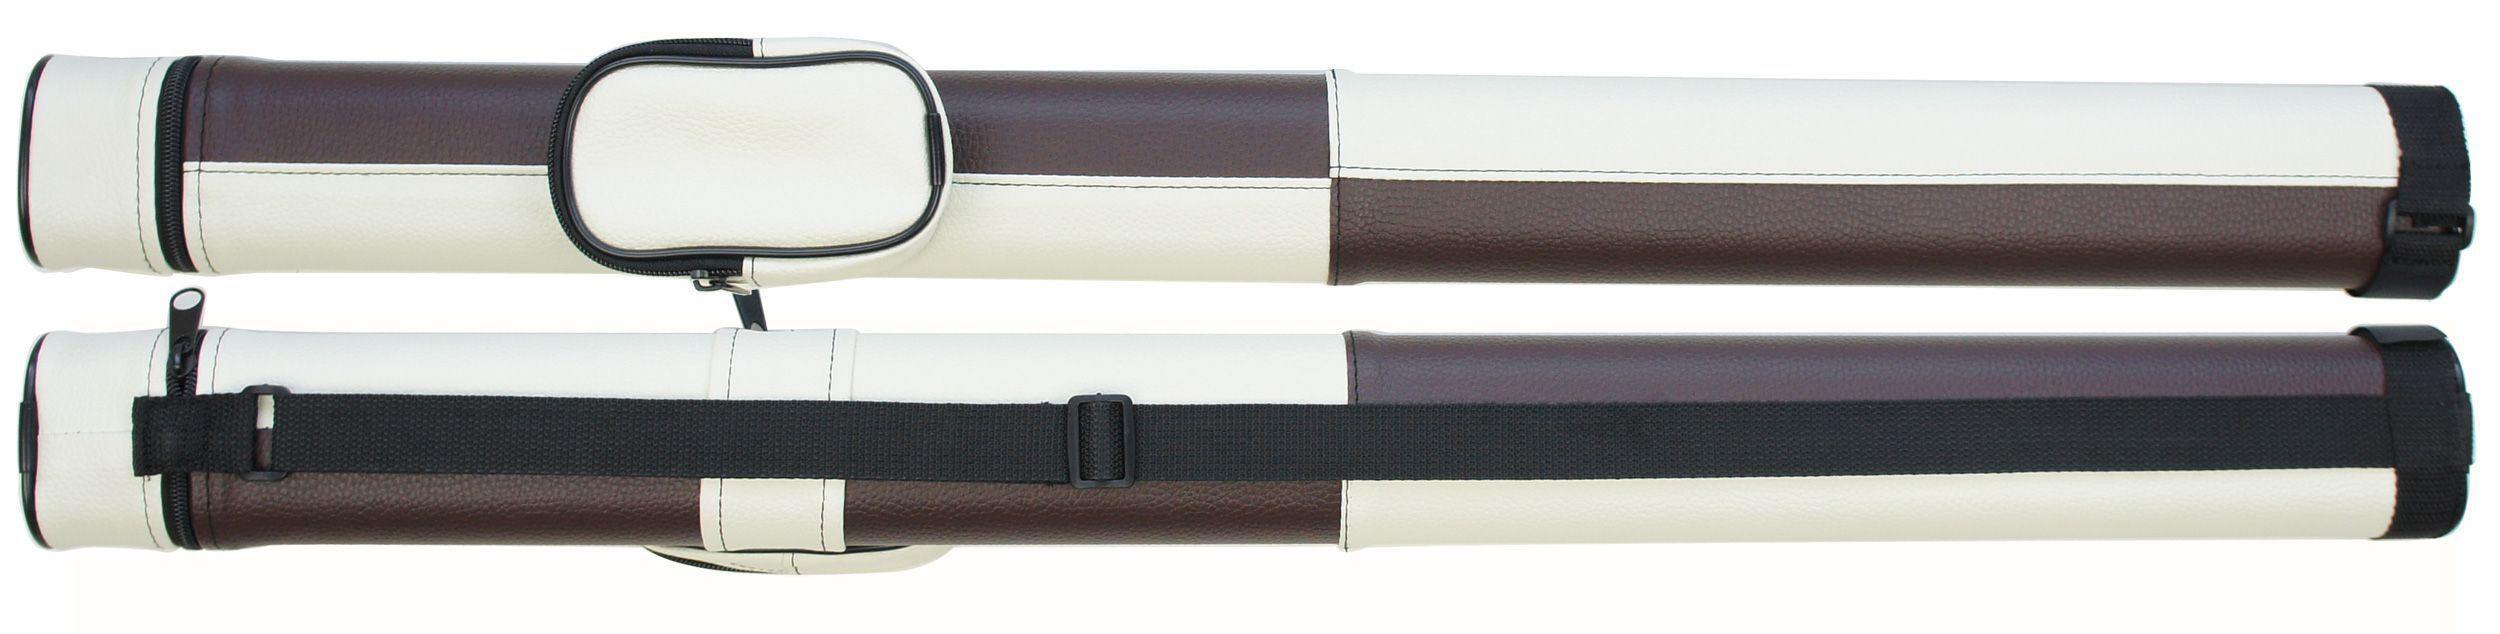 ケース コンビ ホワイト×ブラウン 62216p (バット1本シャフト1本収納) 商品画像